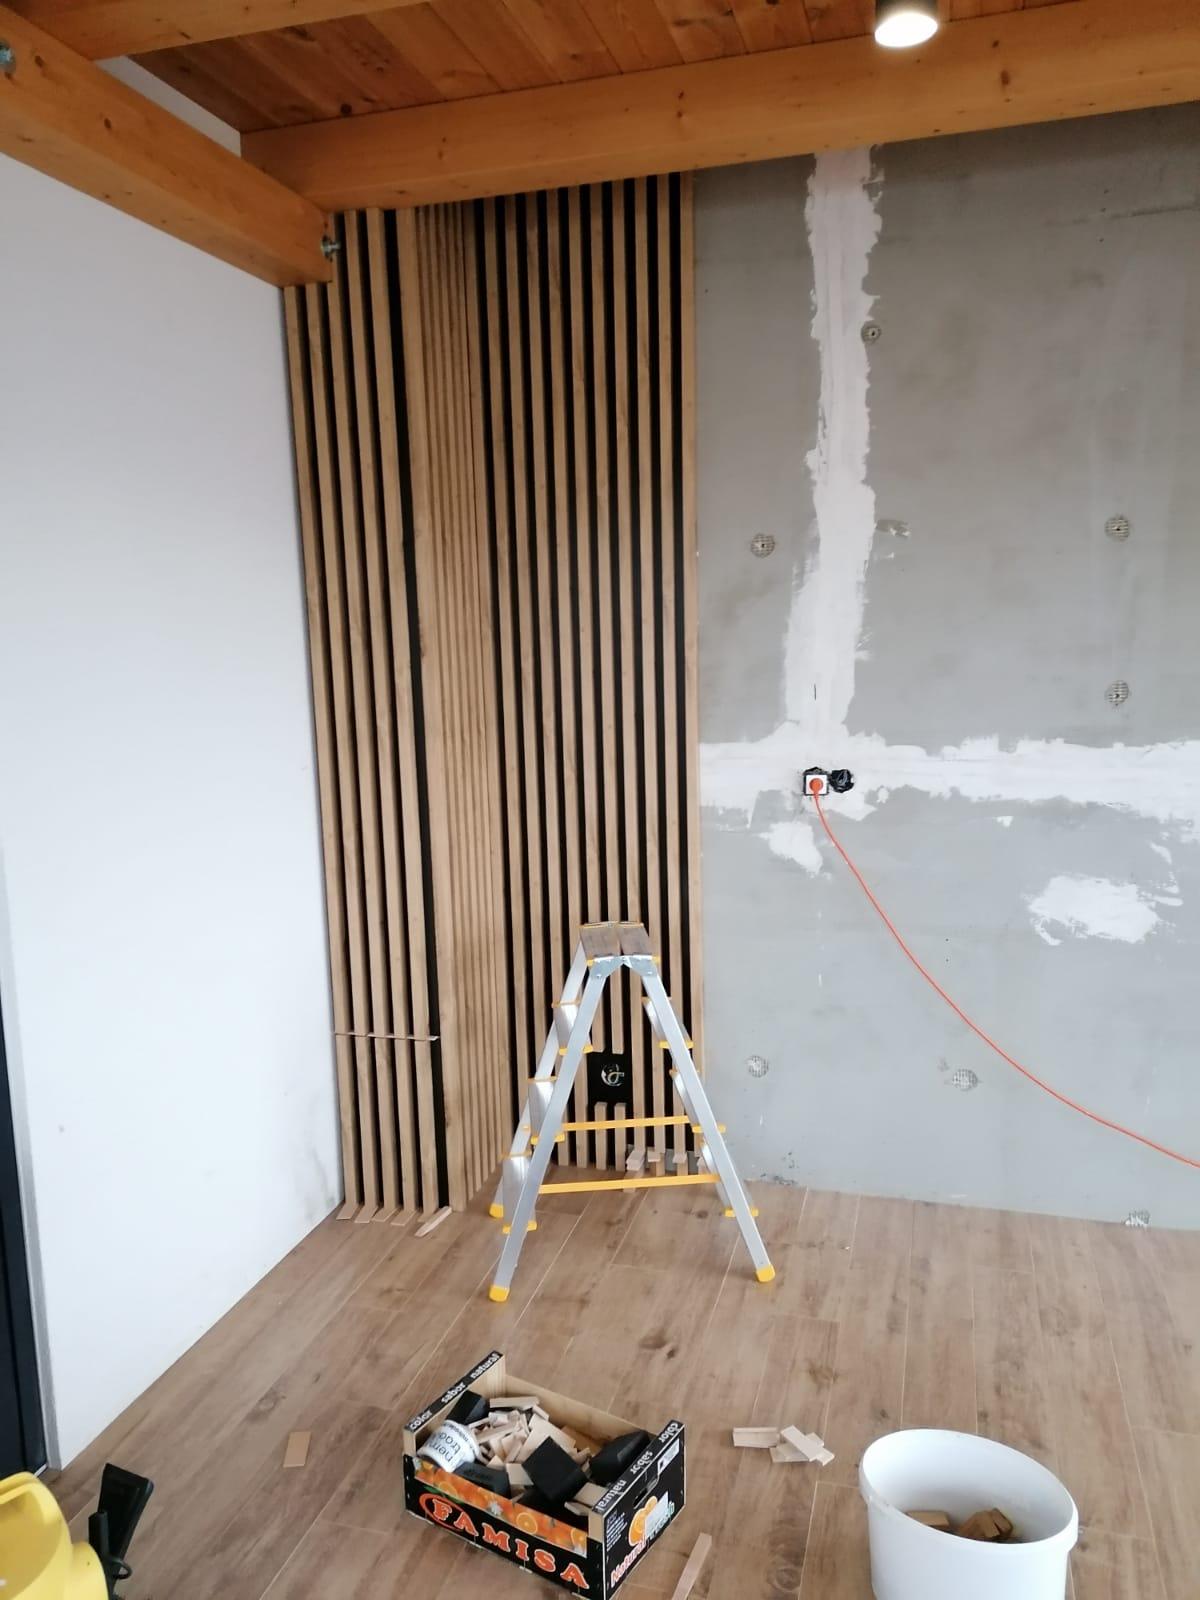 Lamelová stena Senica - lamelová stena, lamelový strop, lamely na stenu, lamelový obklad, stenové lamely, montáž lamely, samostatné lamely, dubové lamely, interiérové stenové lamely 2